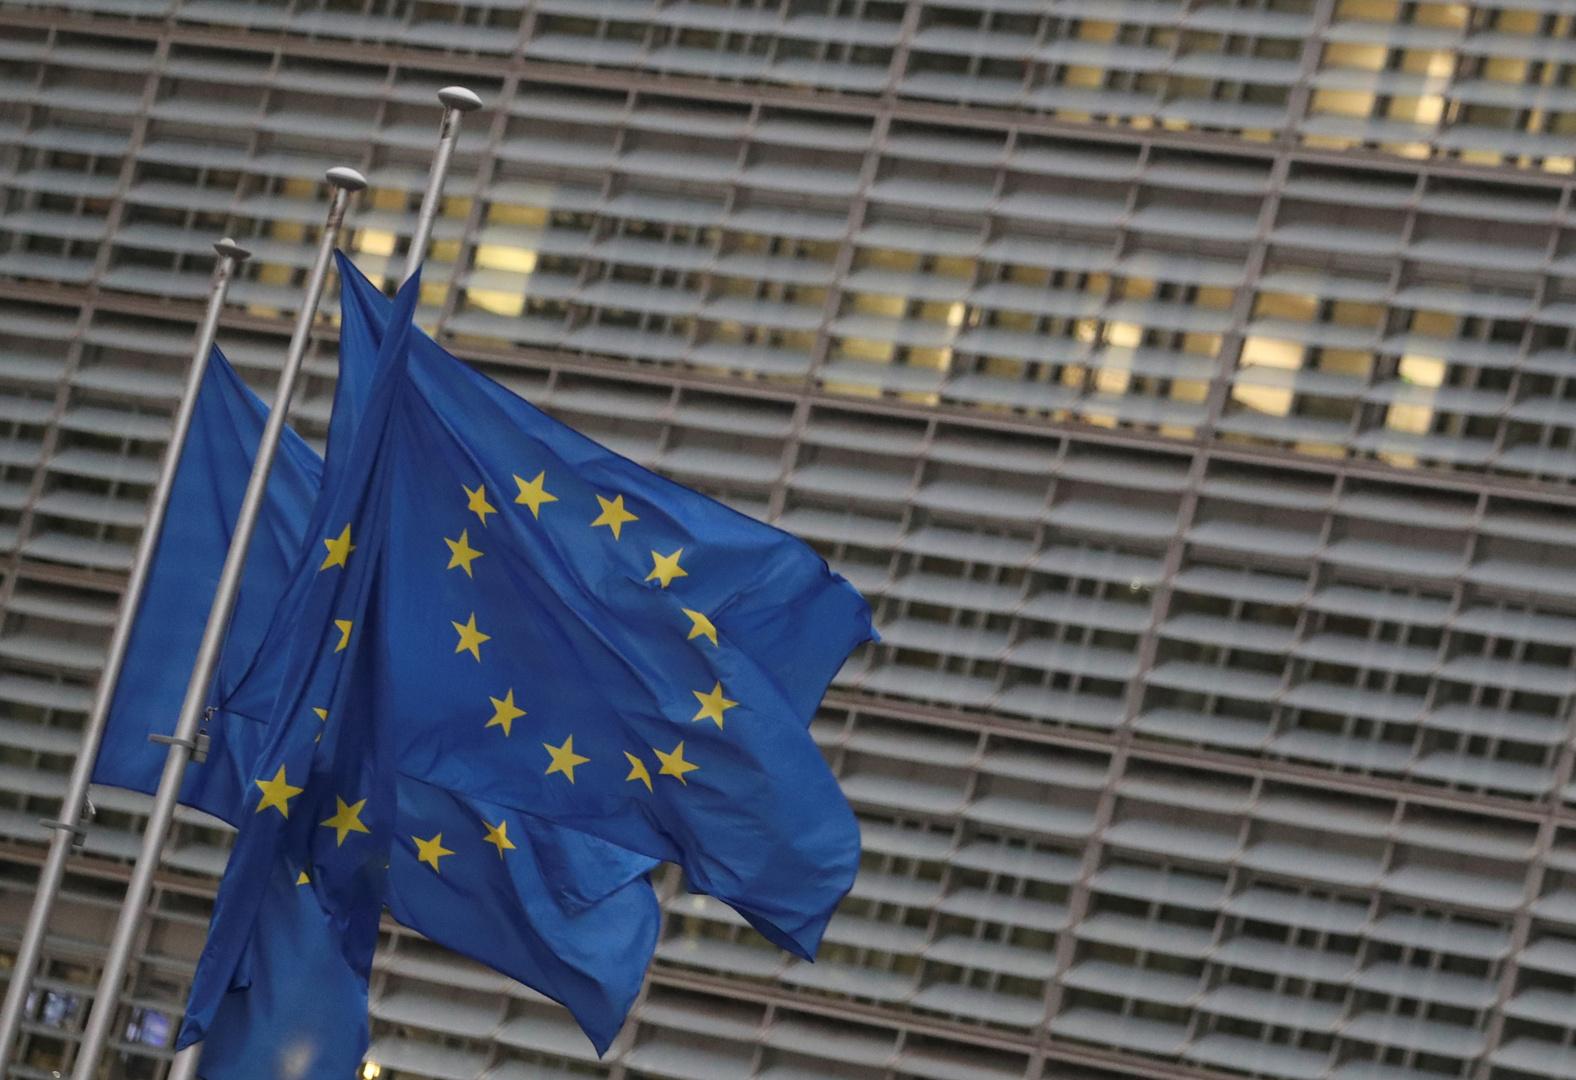 وكالة: مخاوف مع تولي سلوفينيا الرئاسة الدورية للاتحاد الأوروبي